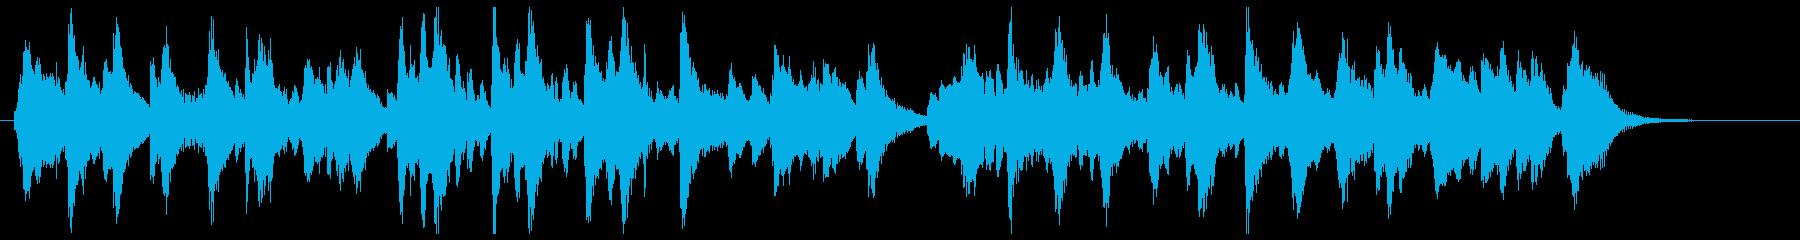 ゆったりしたBGM マリンバ風メロディの再生済みの波形